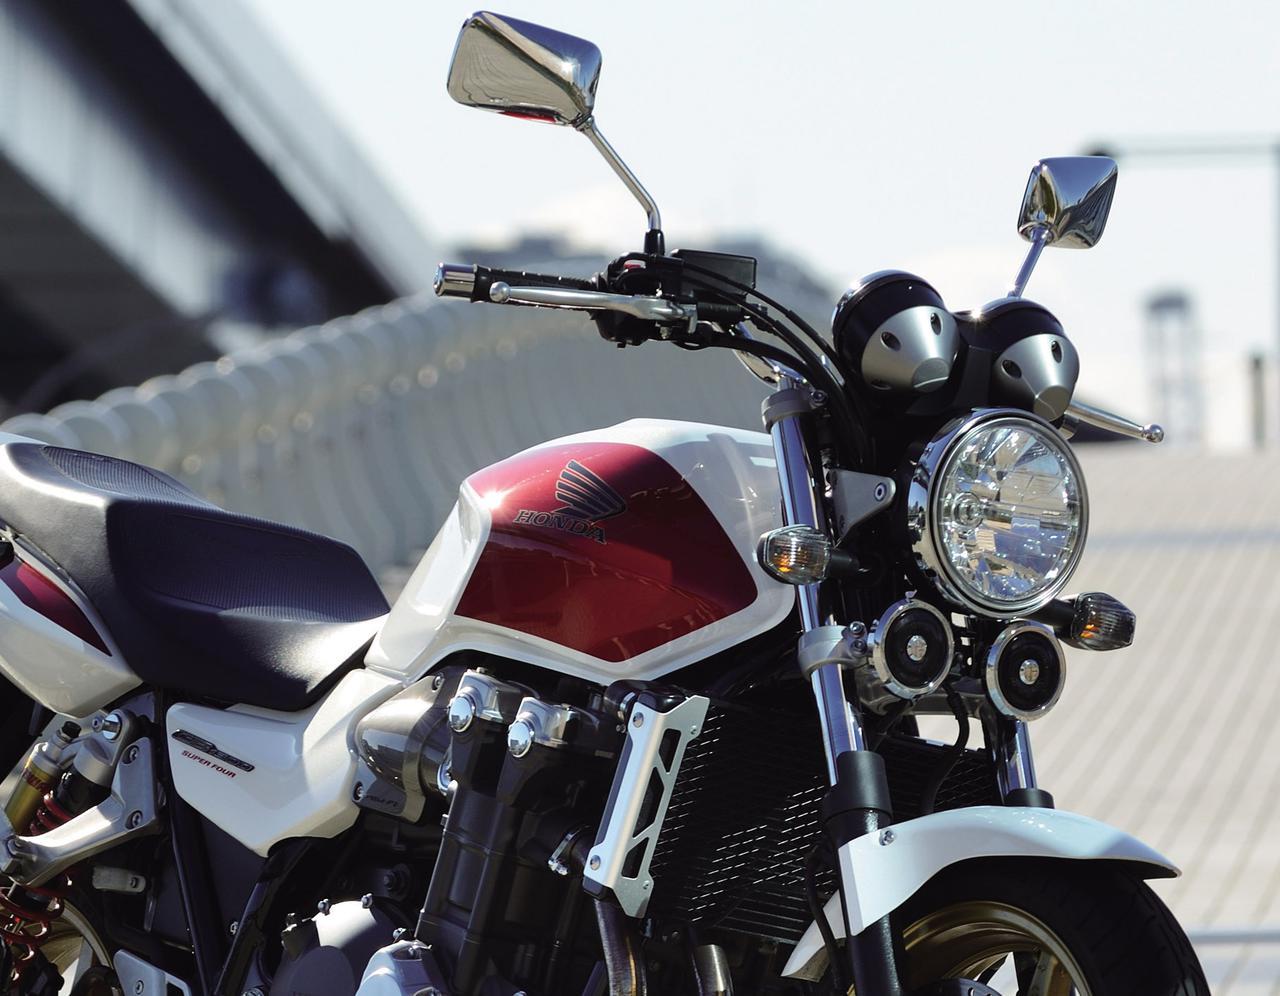 ホンダ「BIG-1」シリーズを解説! CB1000 SUPER FOUR/CB1300 SUPER FOURが魅了した「感動性能」【バイクの歴史】